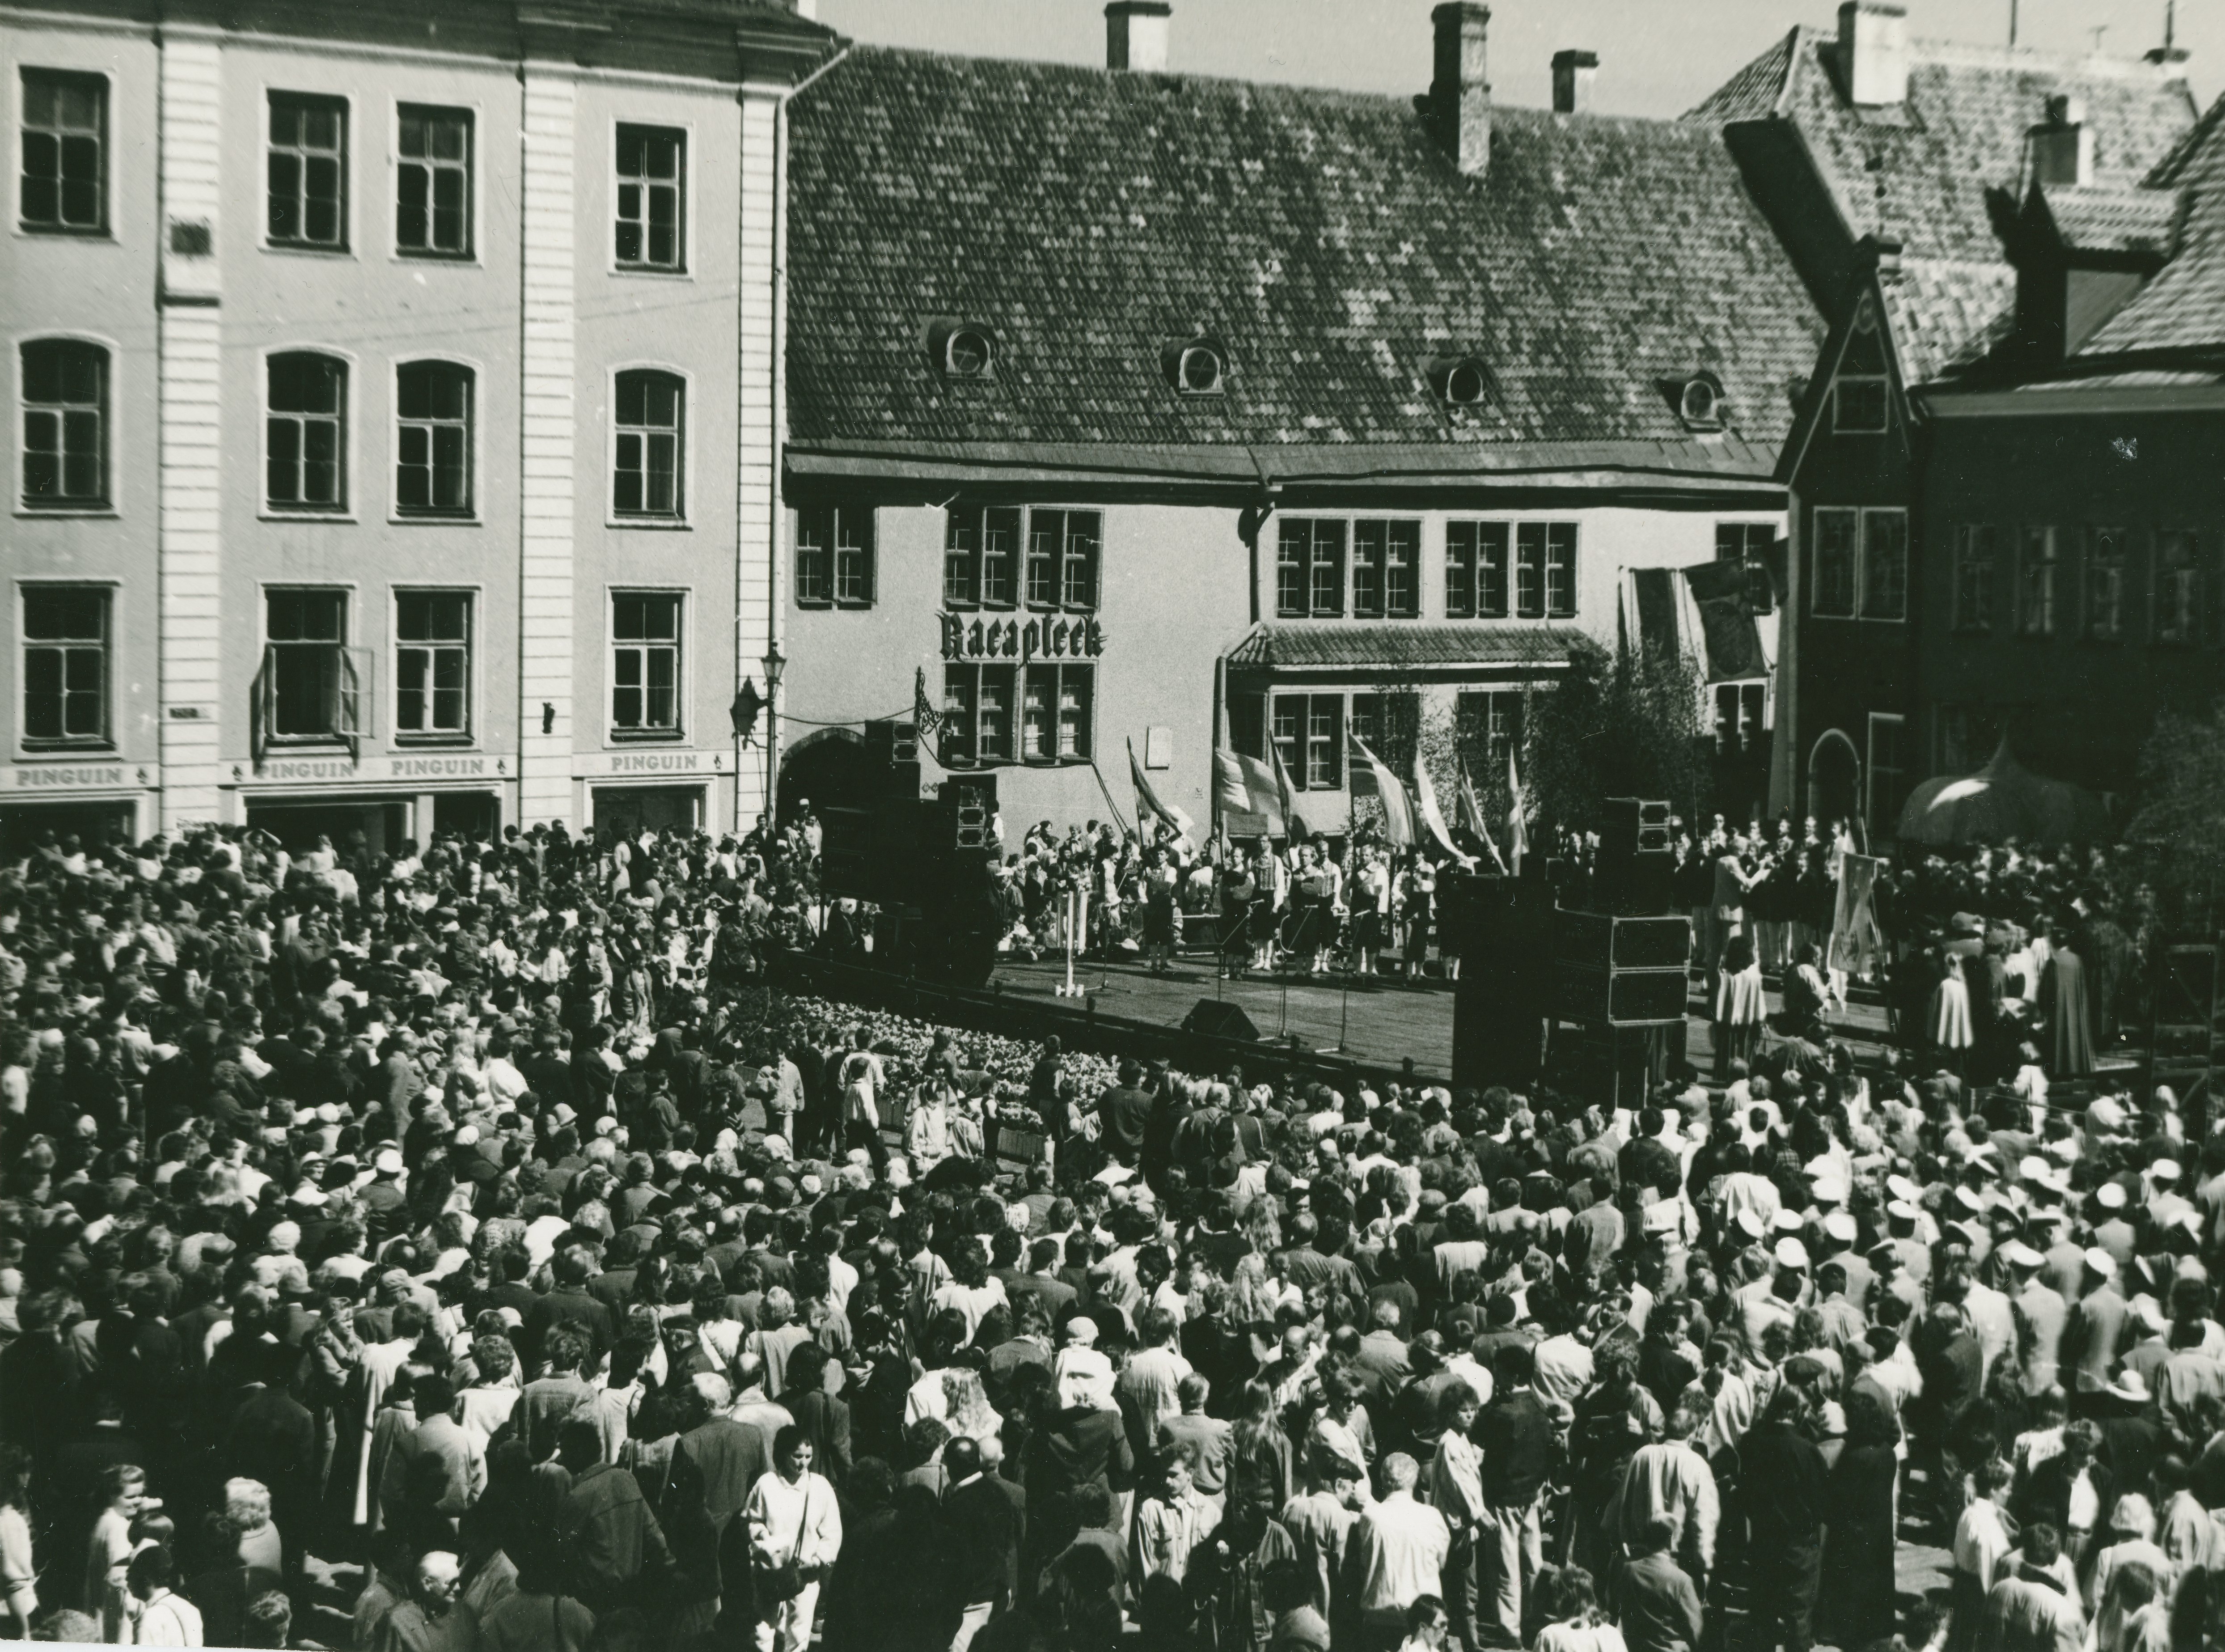 Foto Vanalinna päevadest aastatest 1984 - 1990. Rahvarohke üritus Raekoja platsil. Fotograaf: Georgi Tsvetkov. erf0002_002_0004293_00000_00001_fk